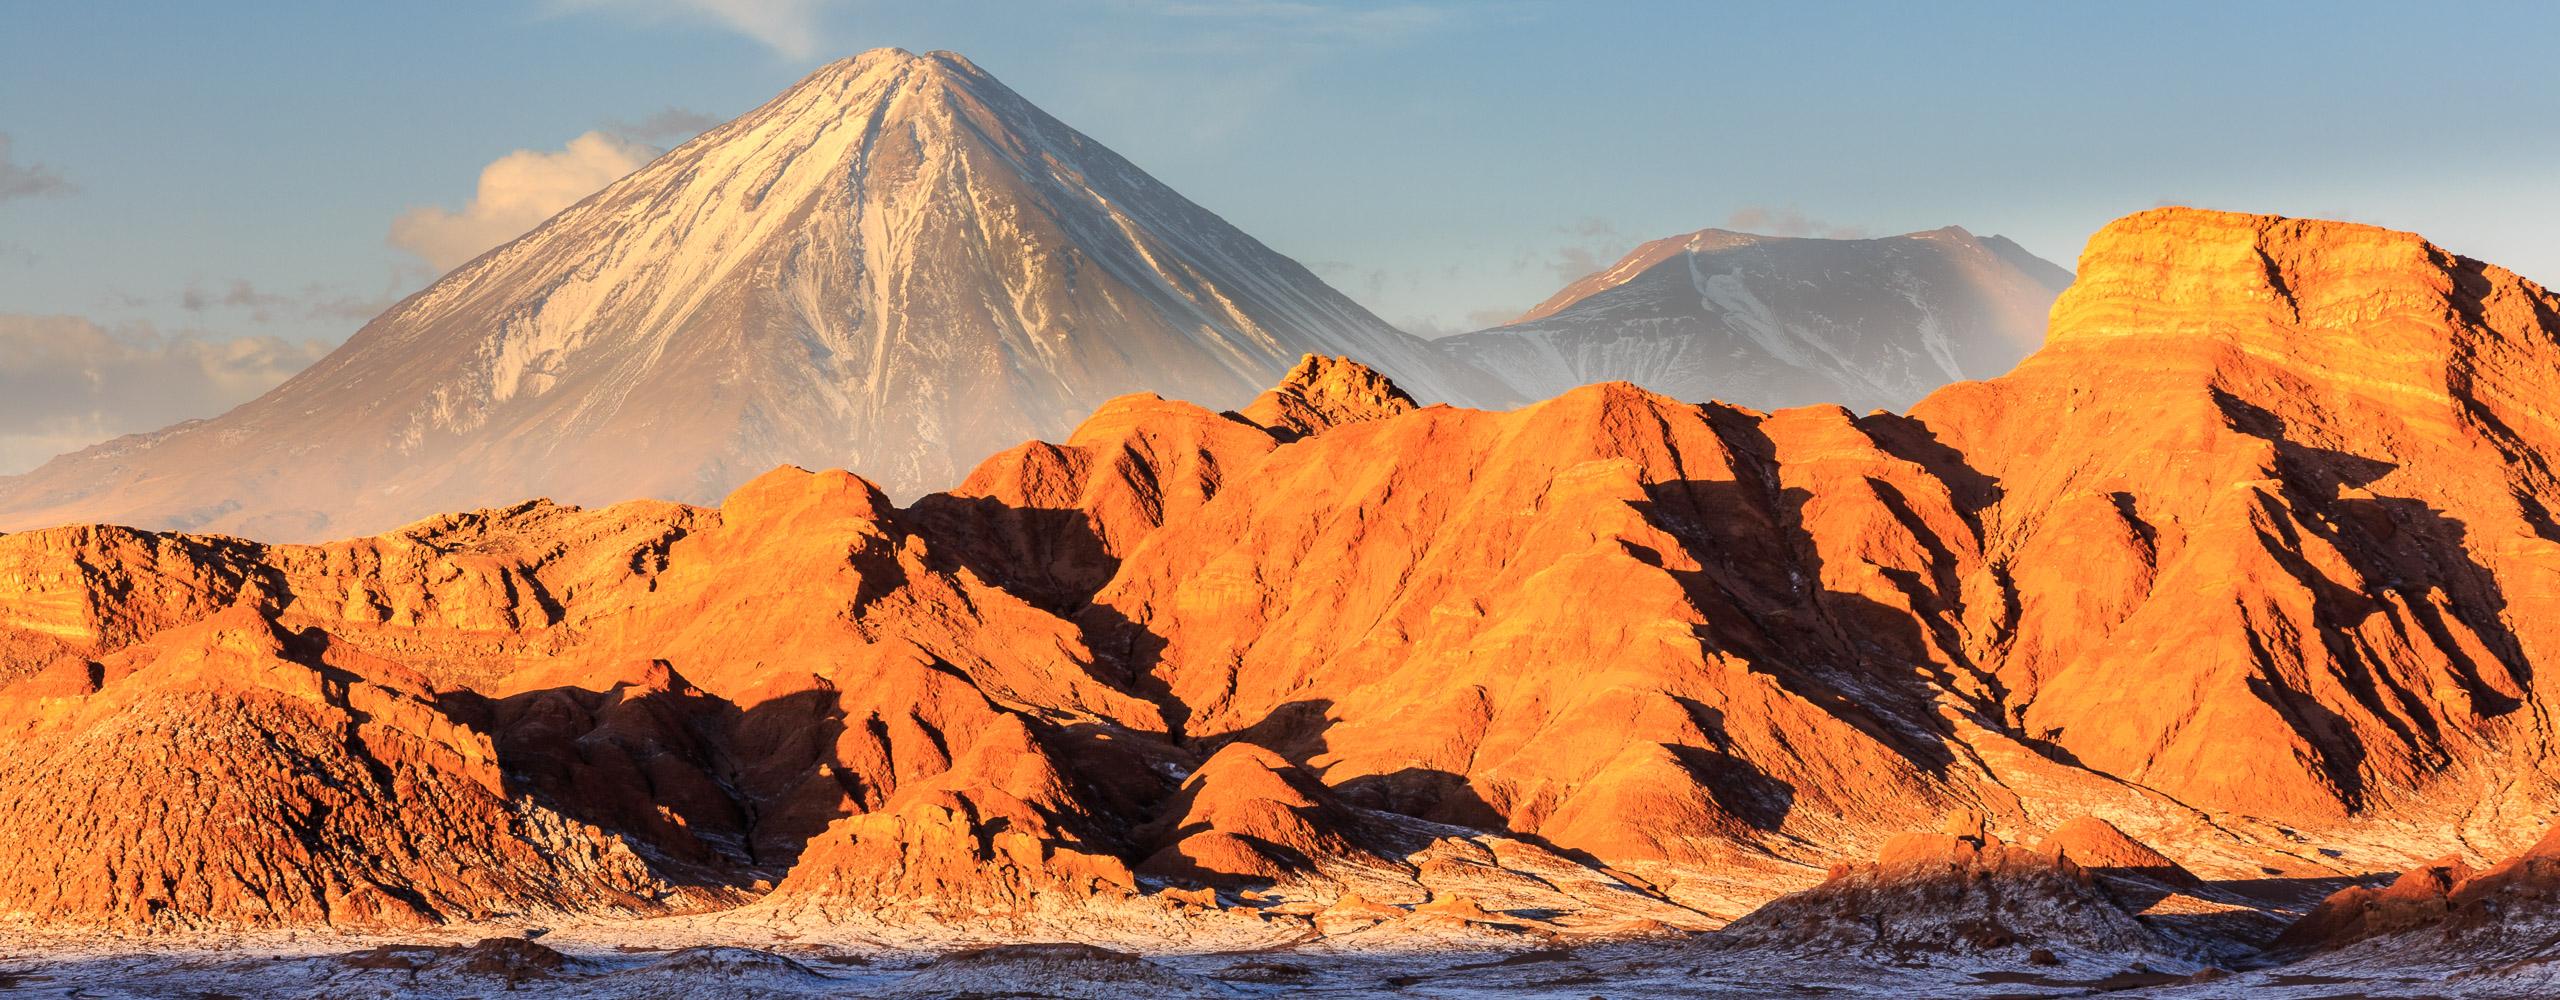 Lican Cabur Volcano, Chile